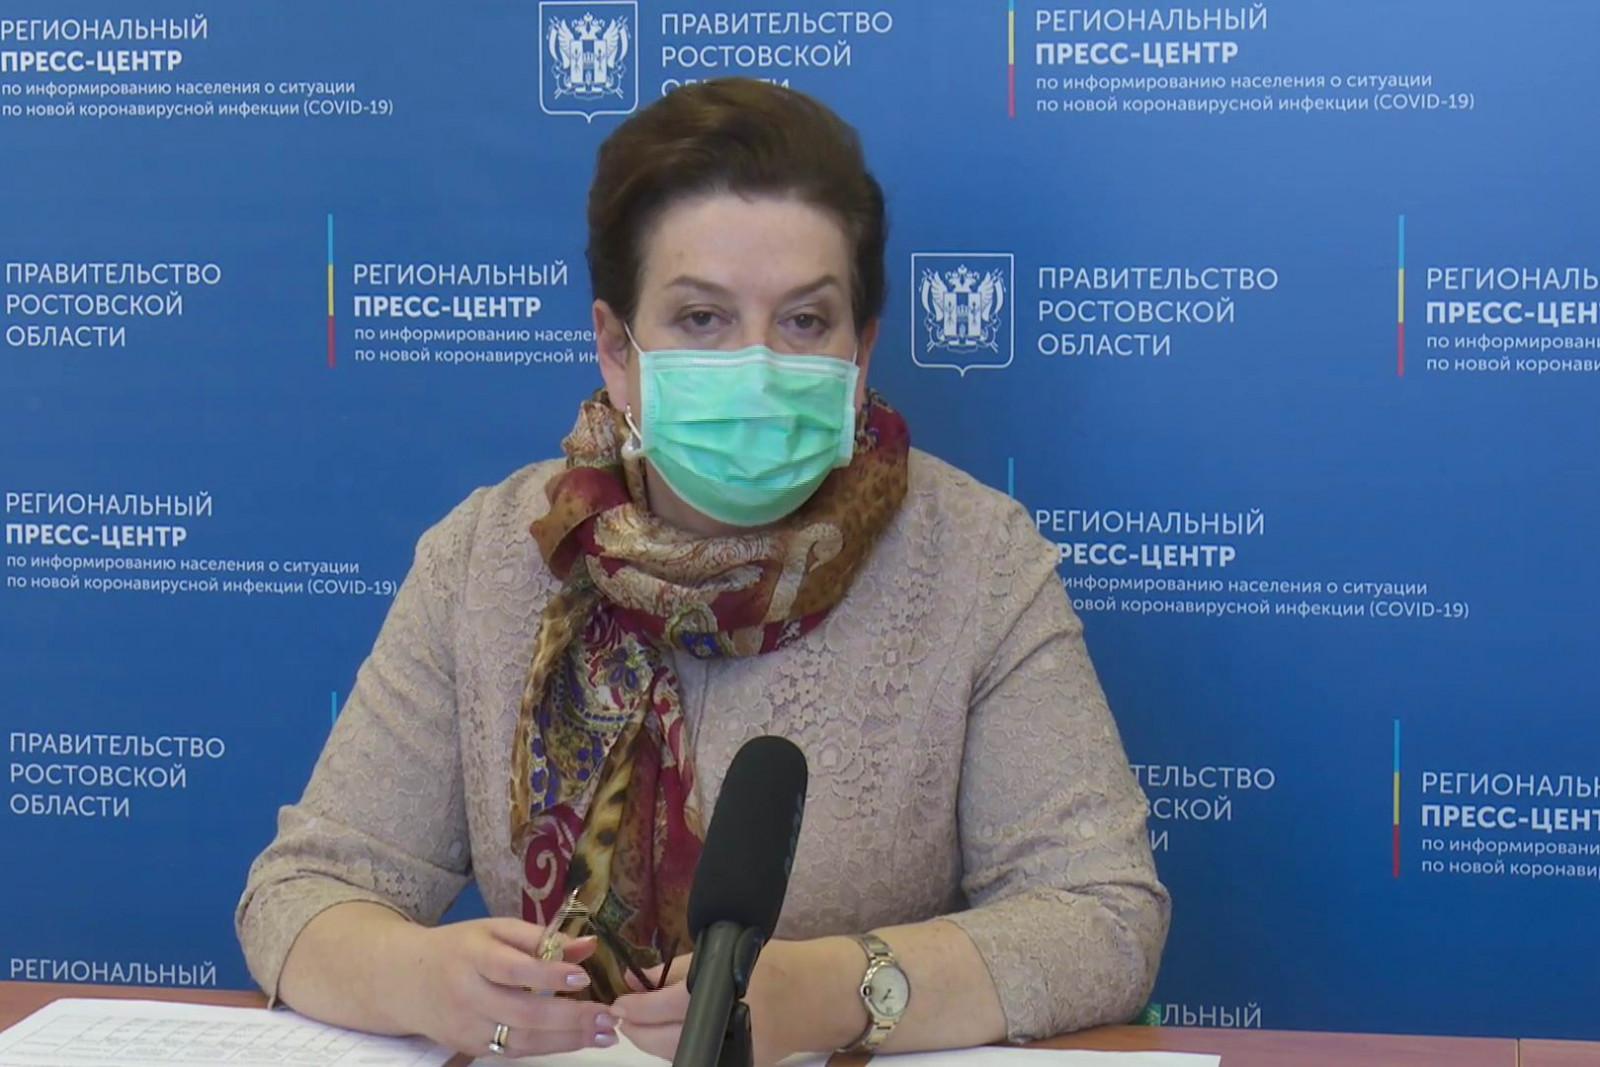 Почти 900 человек с коронавирусом выздоровели в Ростовской области